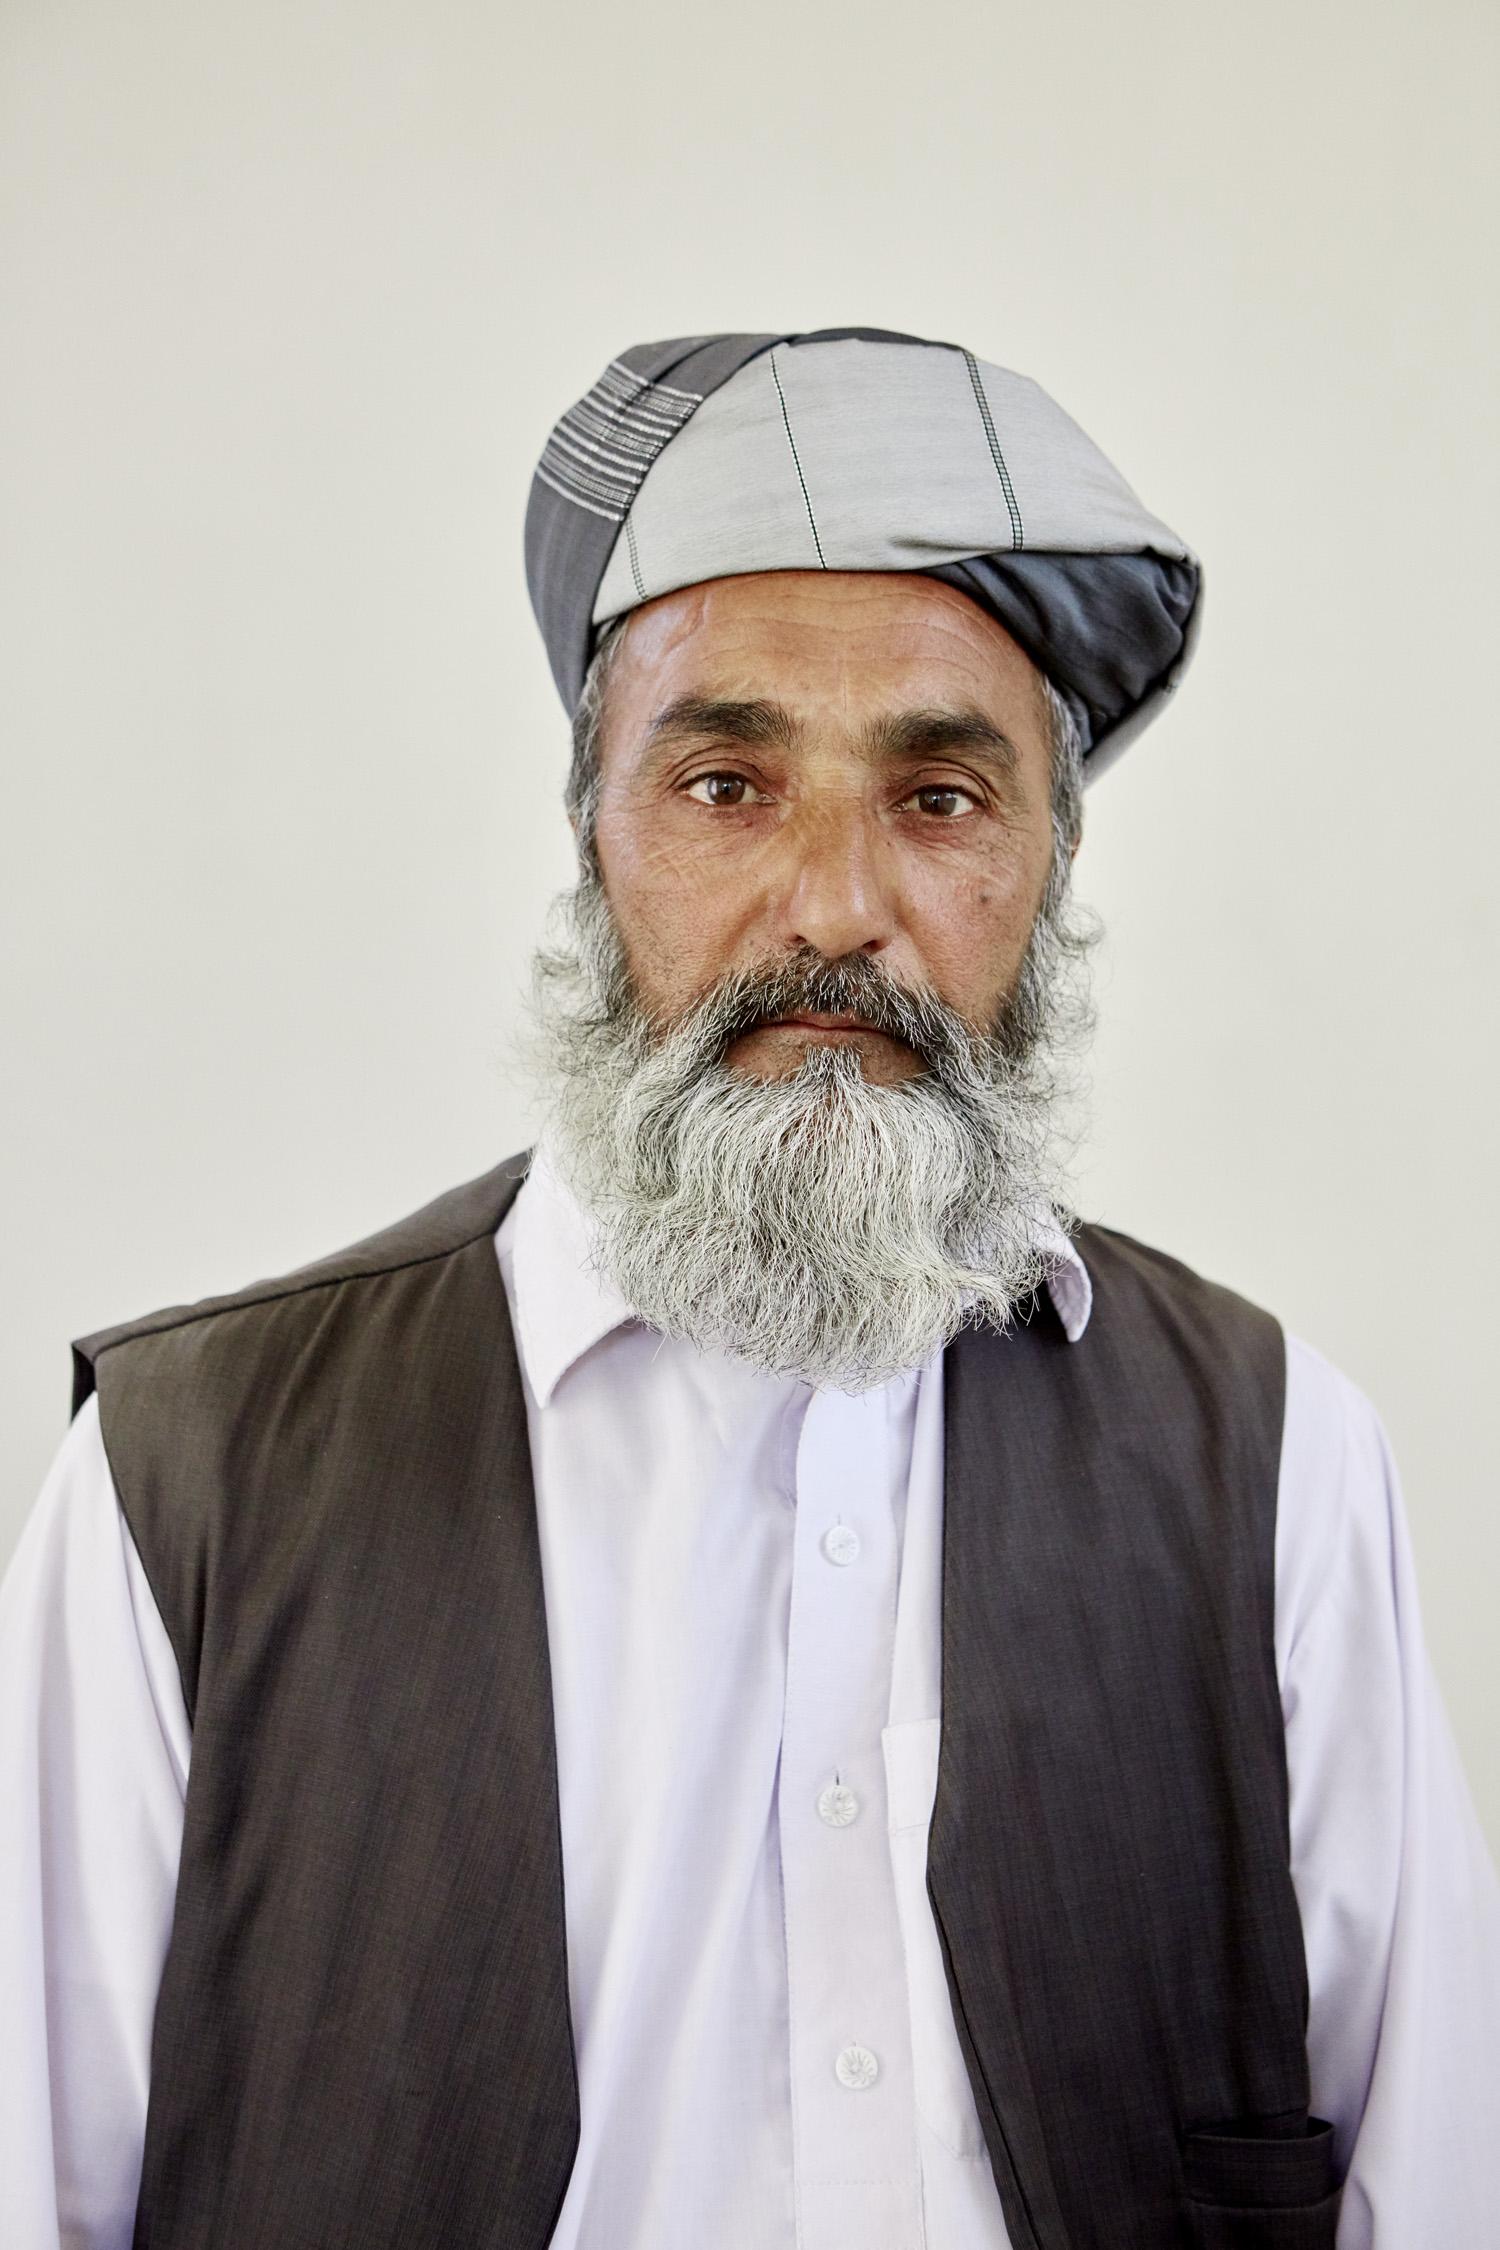 Inequalities_Afghanistan_Herat-community-change-WVI_20160719_Afghanistan_WVI_119.jpg